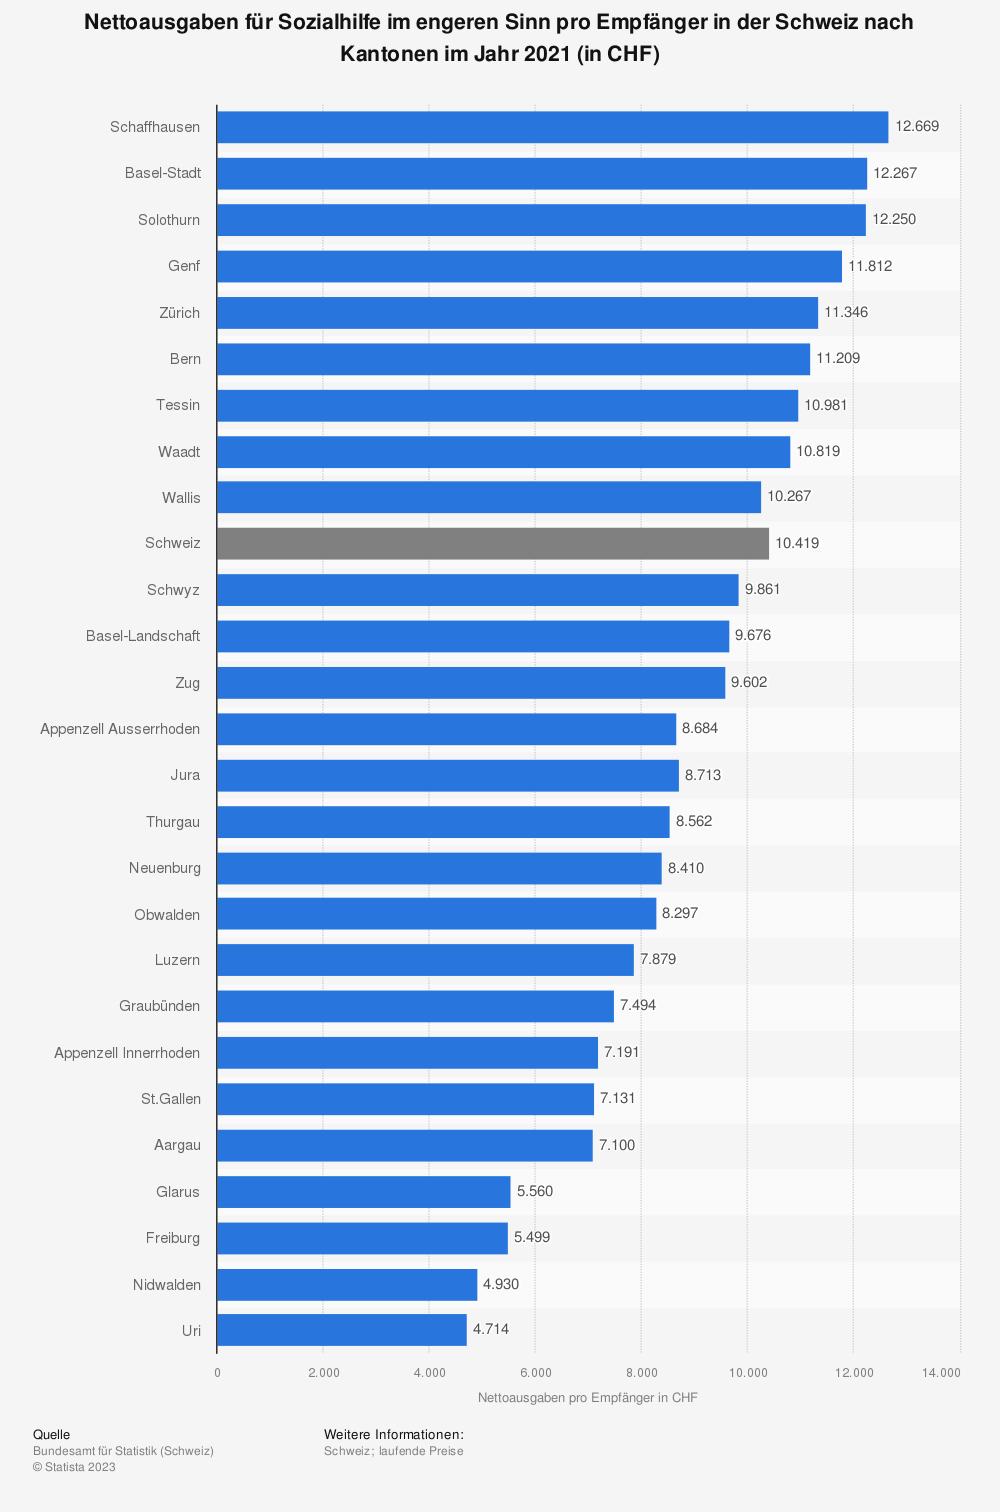 Statistik: Nettoausgaben für Sozialhilfe im engeren Sinn pro Empfänger in der Schweiz nach Kantonen im Jahr 2017 (in CHF) | Statista